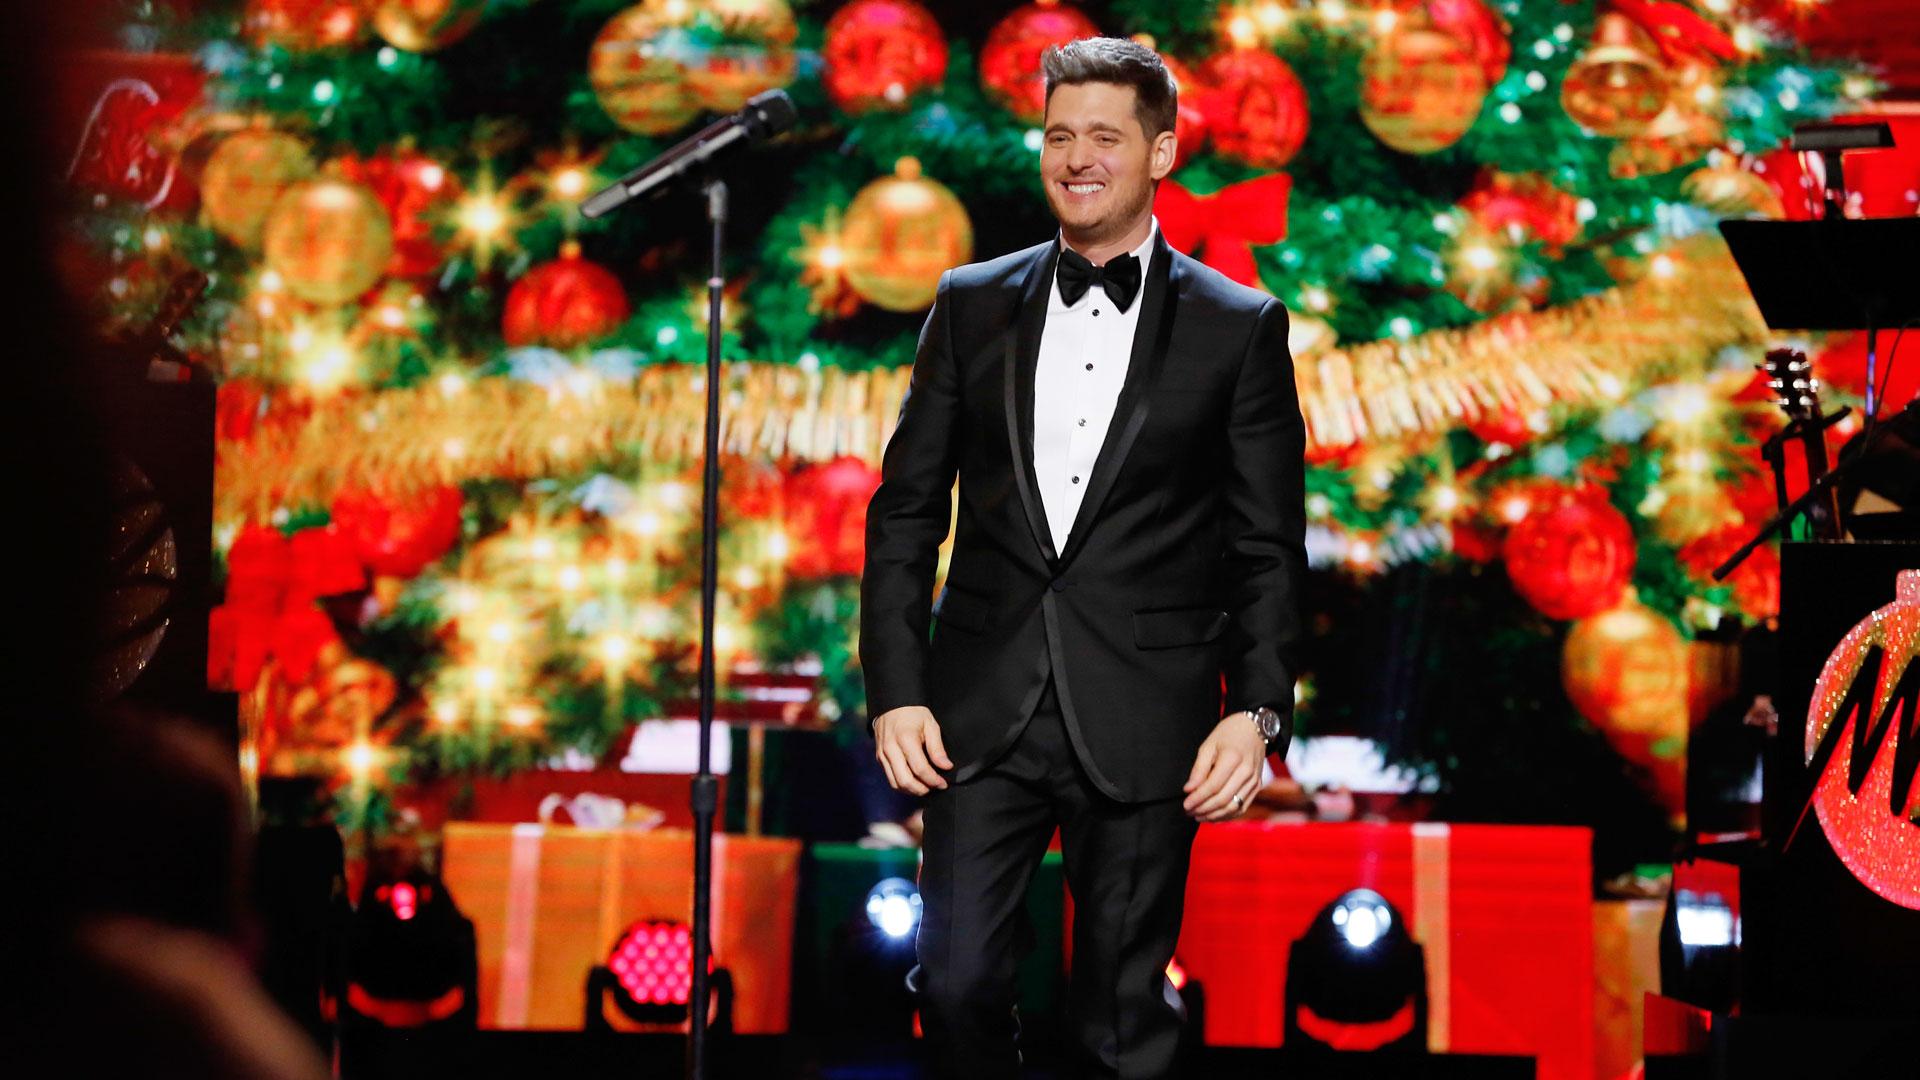 Nbc.Com Michael Buble Christmas Special 2020 Watch   NBC.com